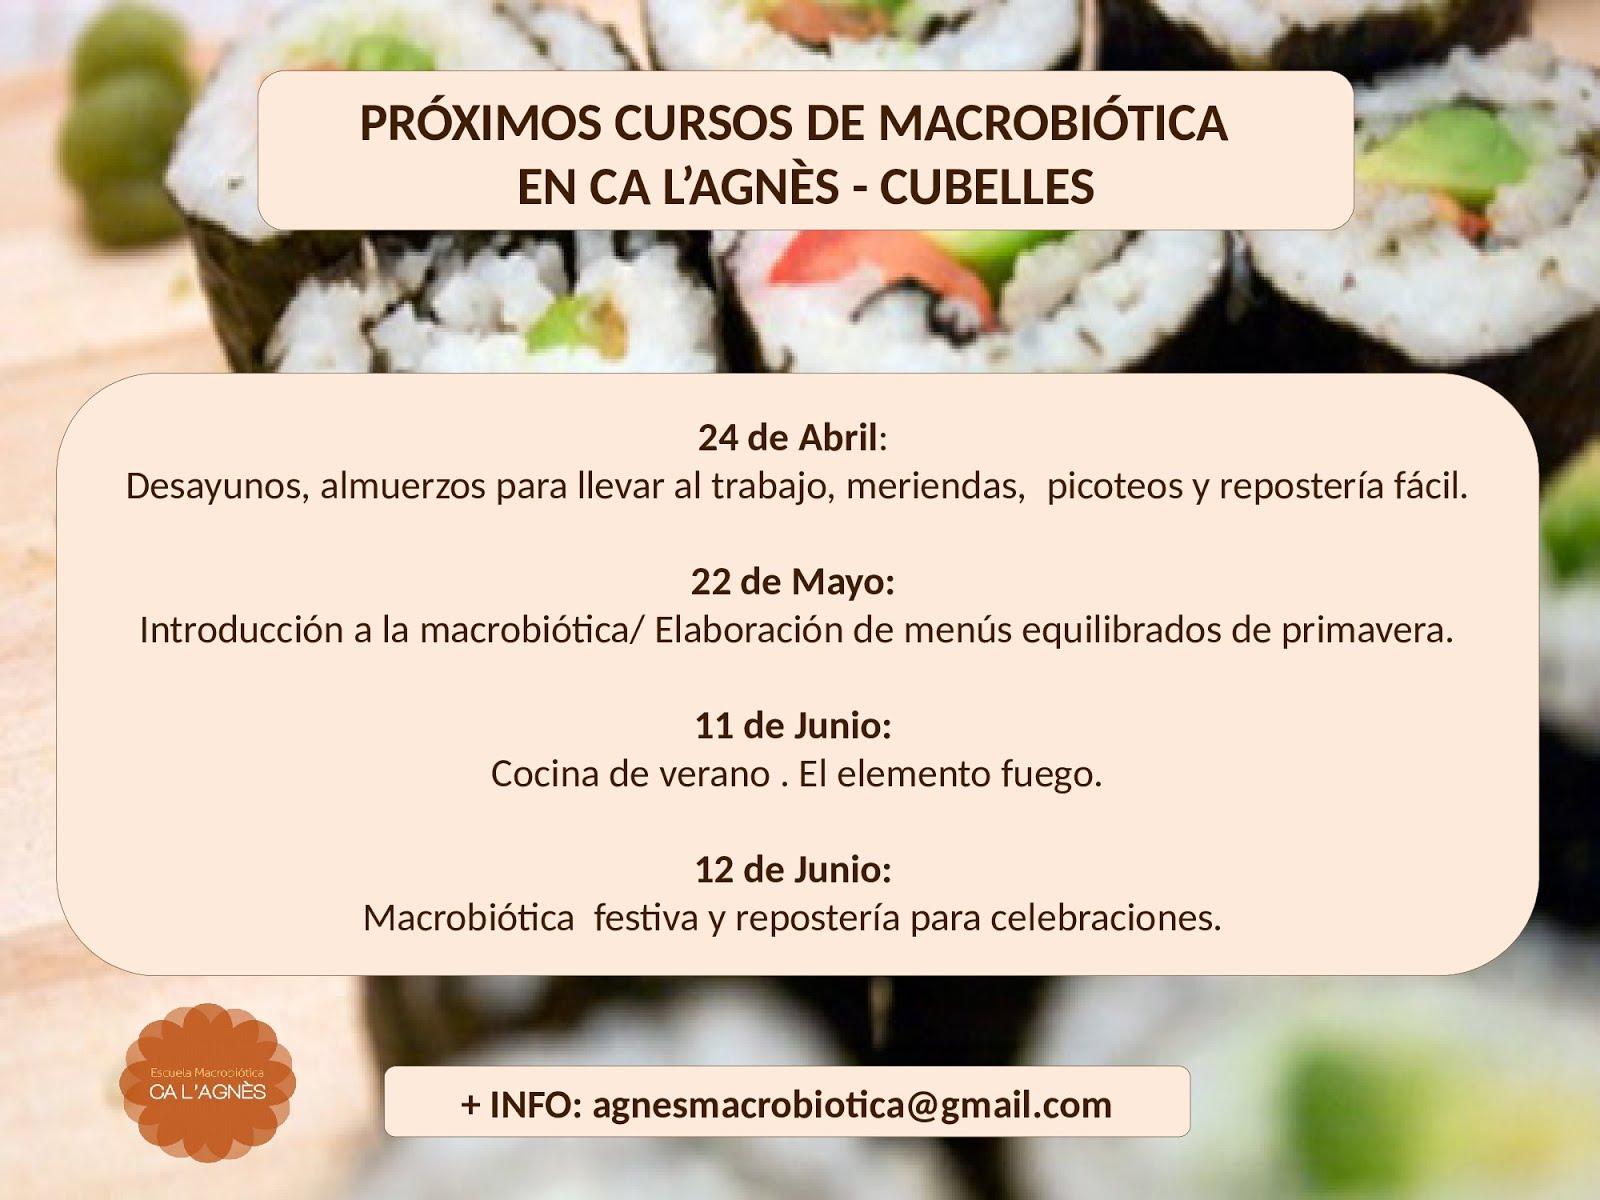 Cursos Macrobiótica Primavera 2016 en Ca l'Agnès - Cubelles